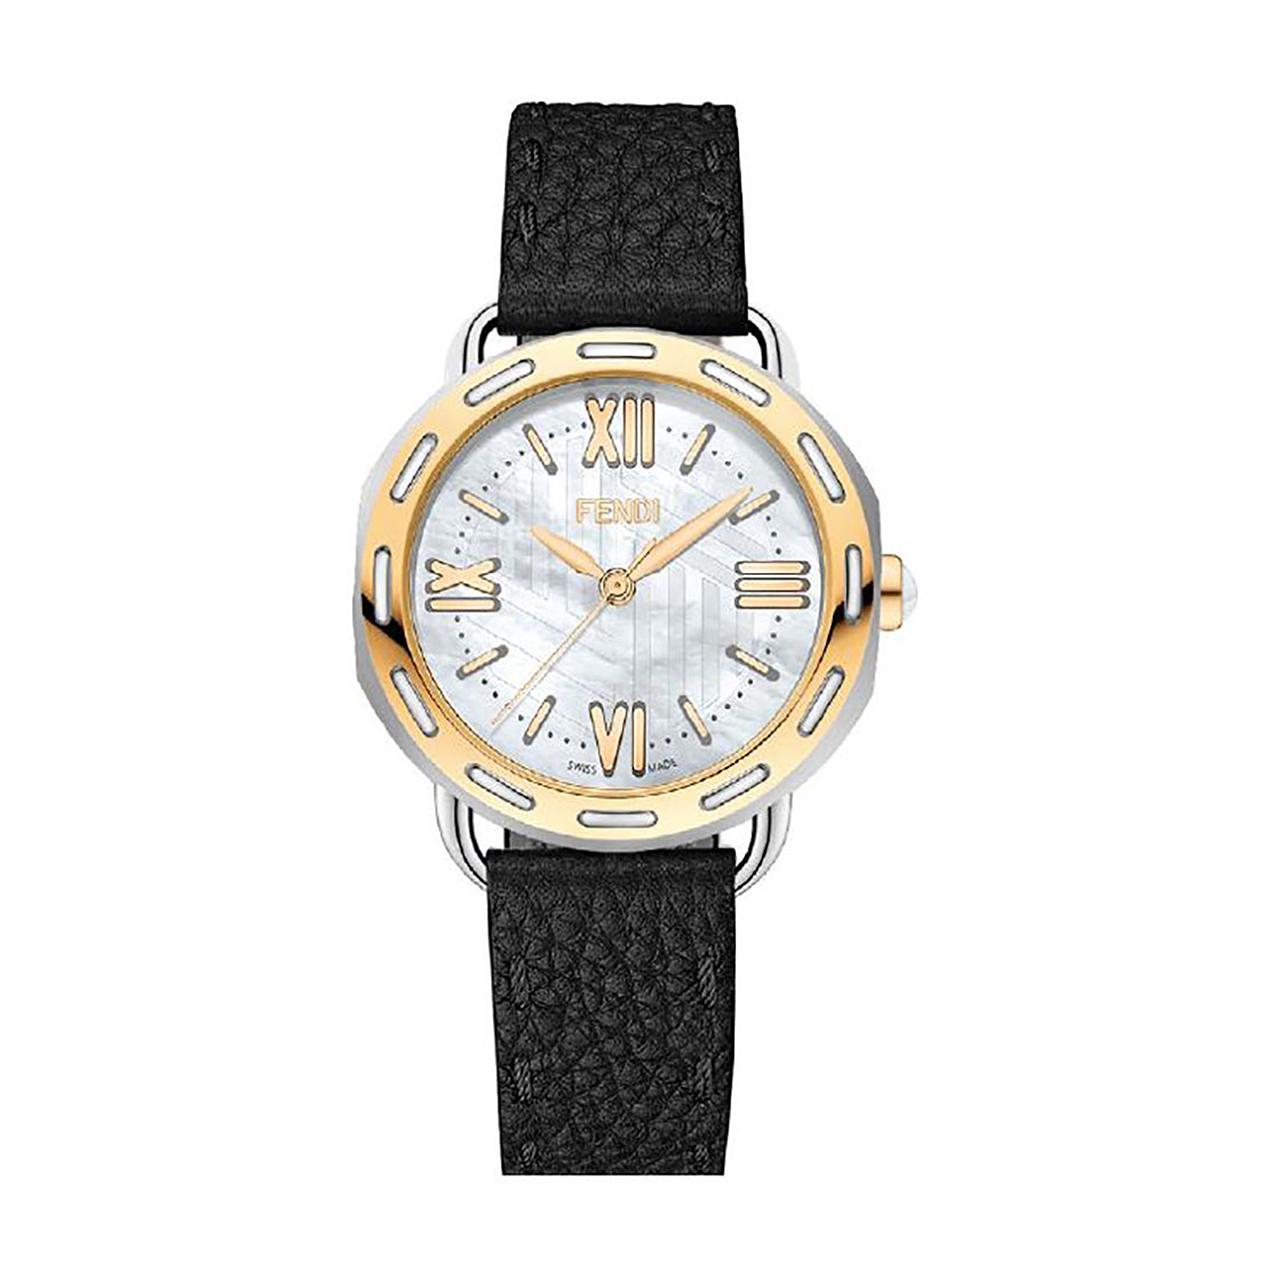 خرید ساعت مچی عقربه ای زنانه فندی مدل F8301345H0